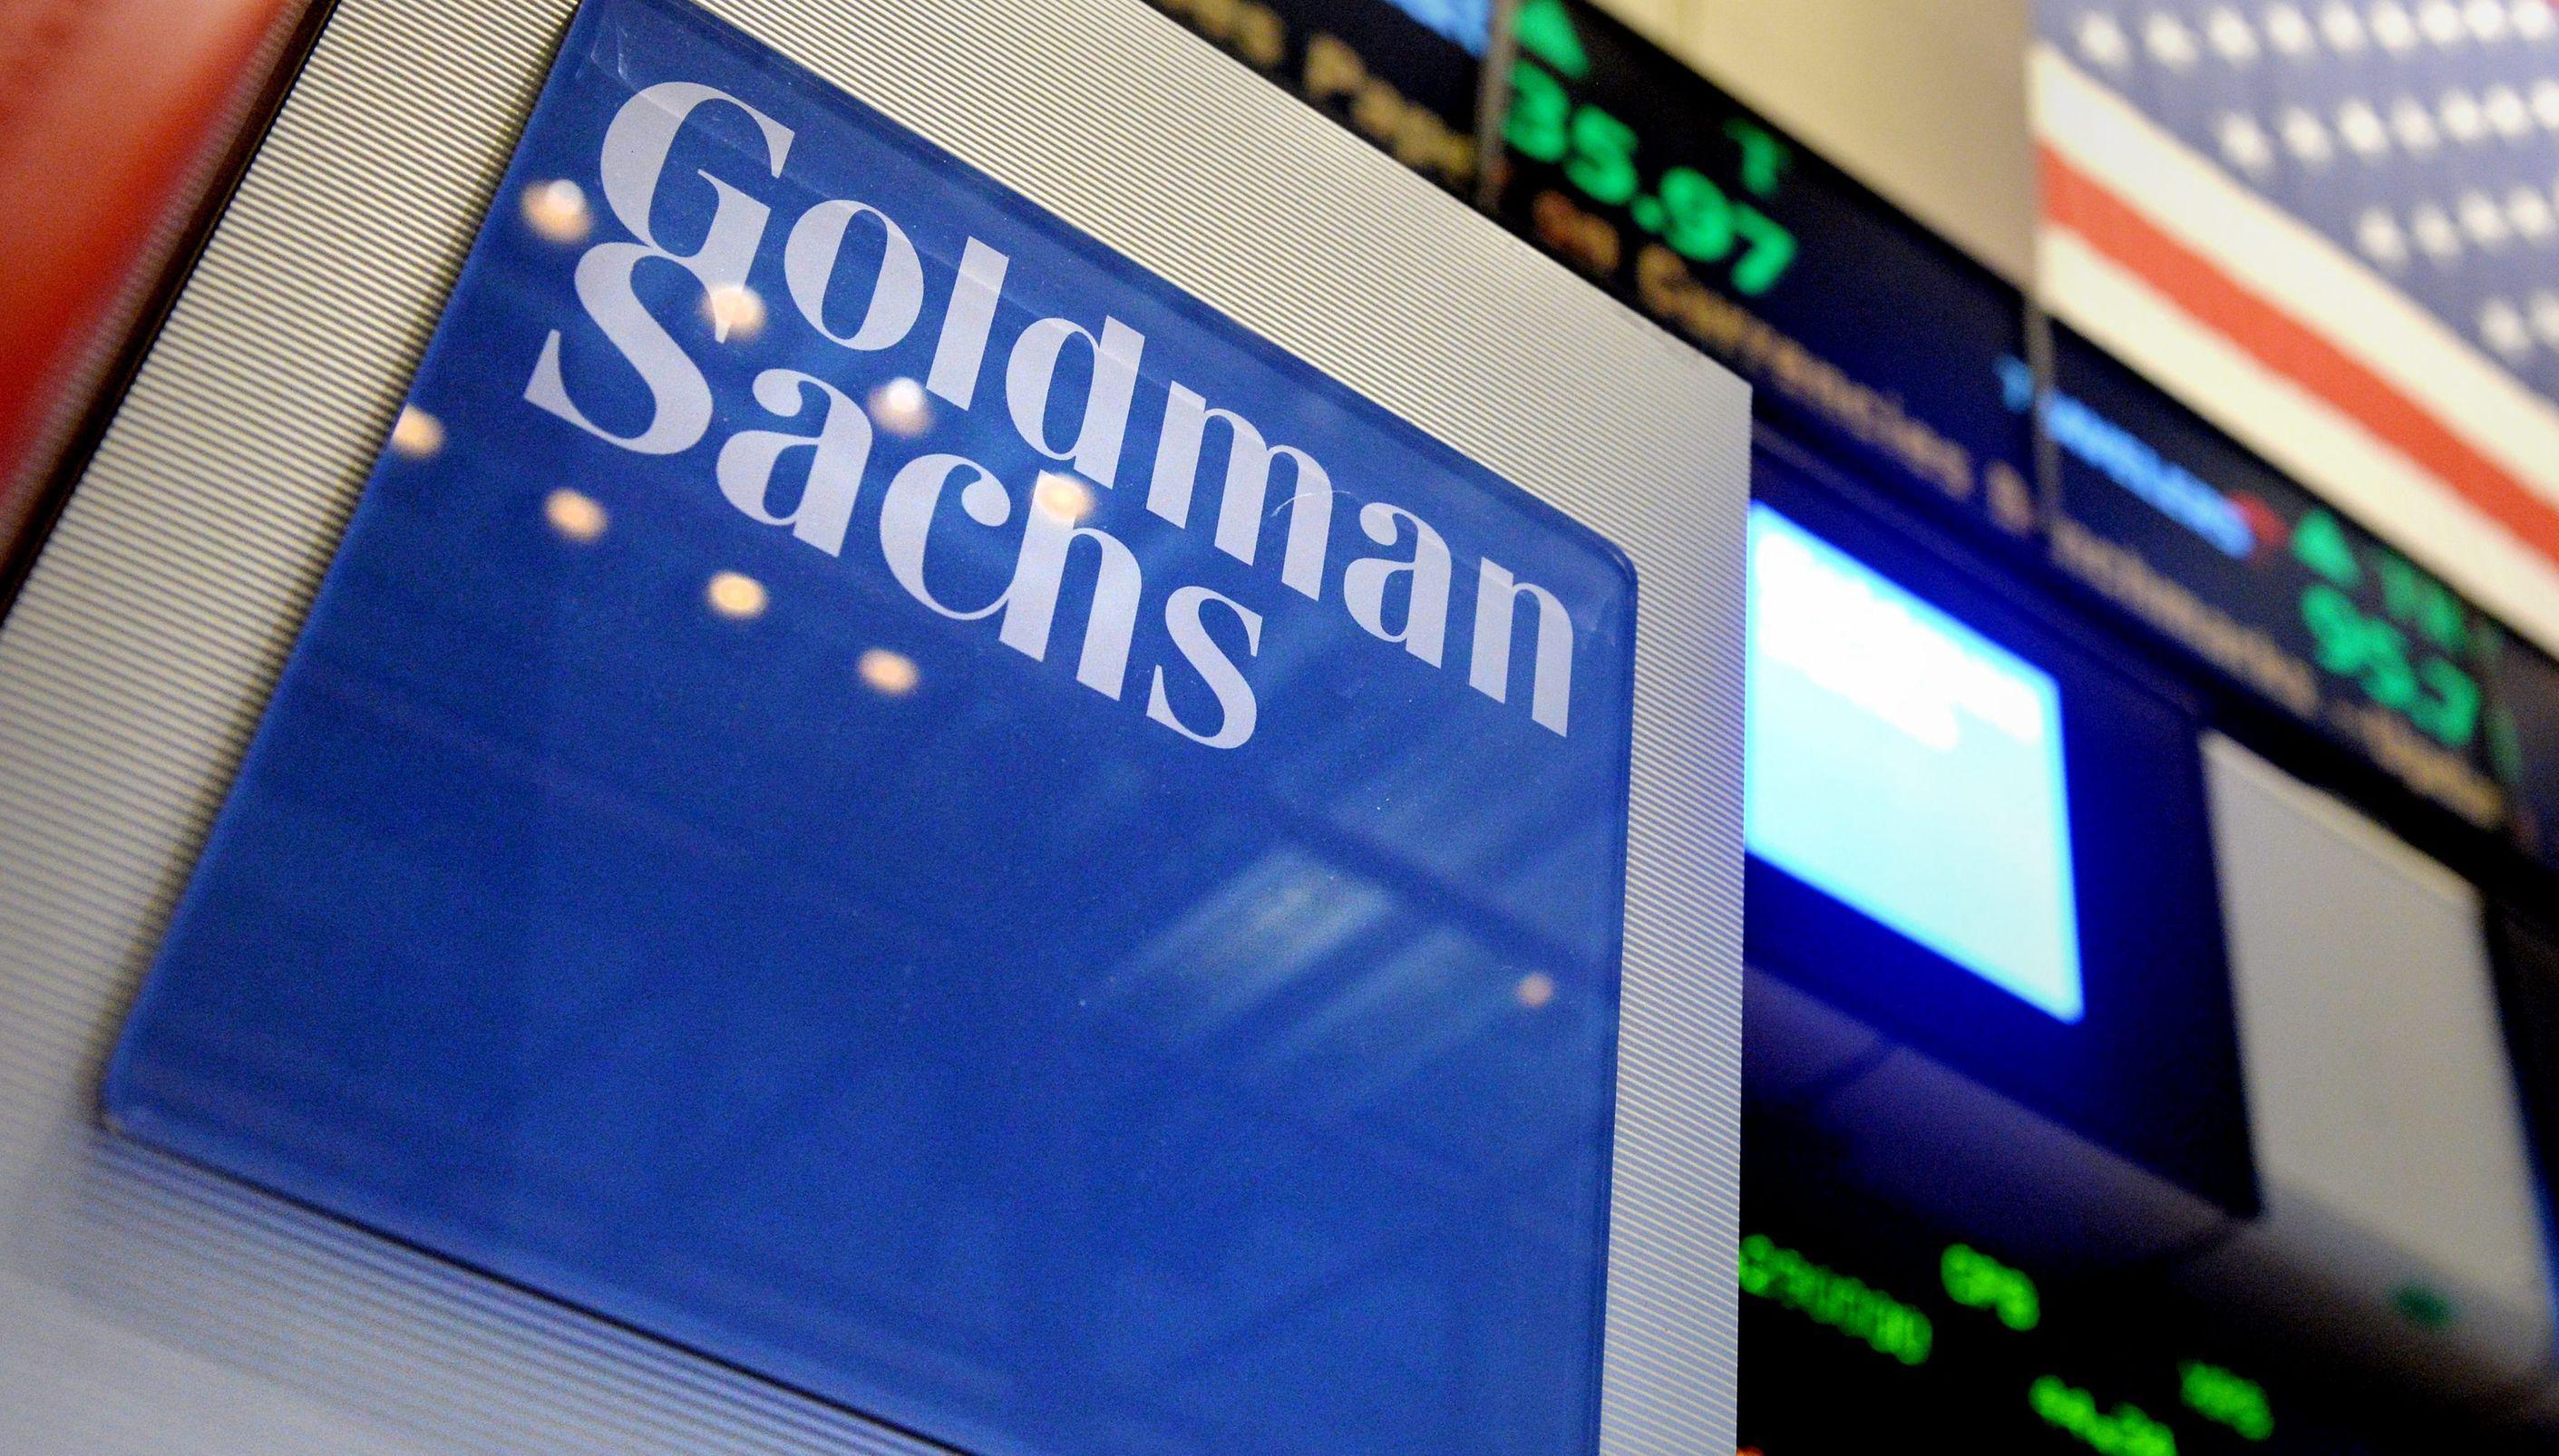 Биткоин-фьючерсы от Goldman Sachs уже на подходе